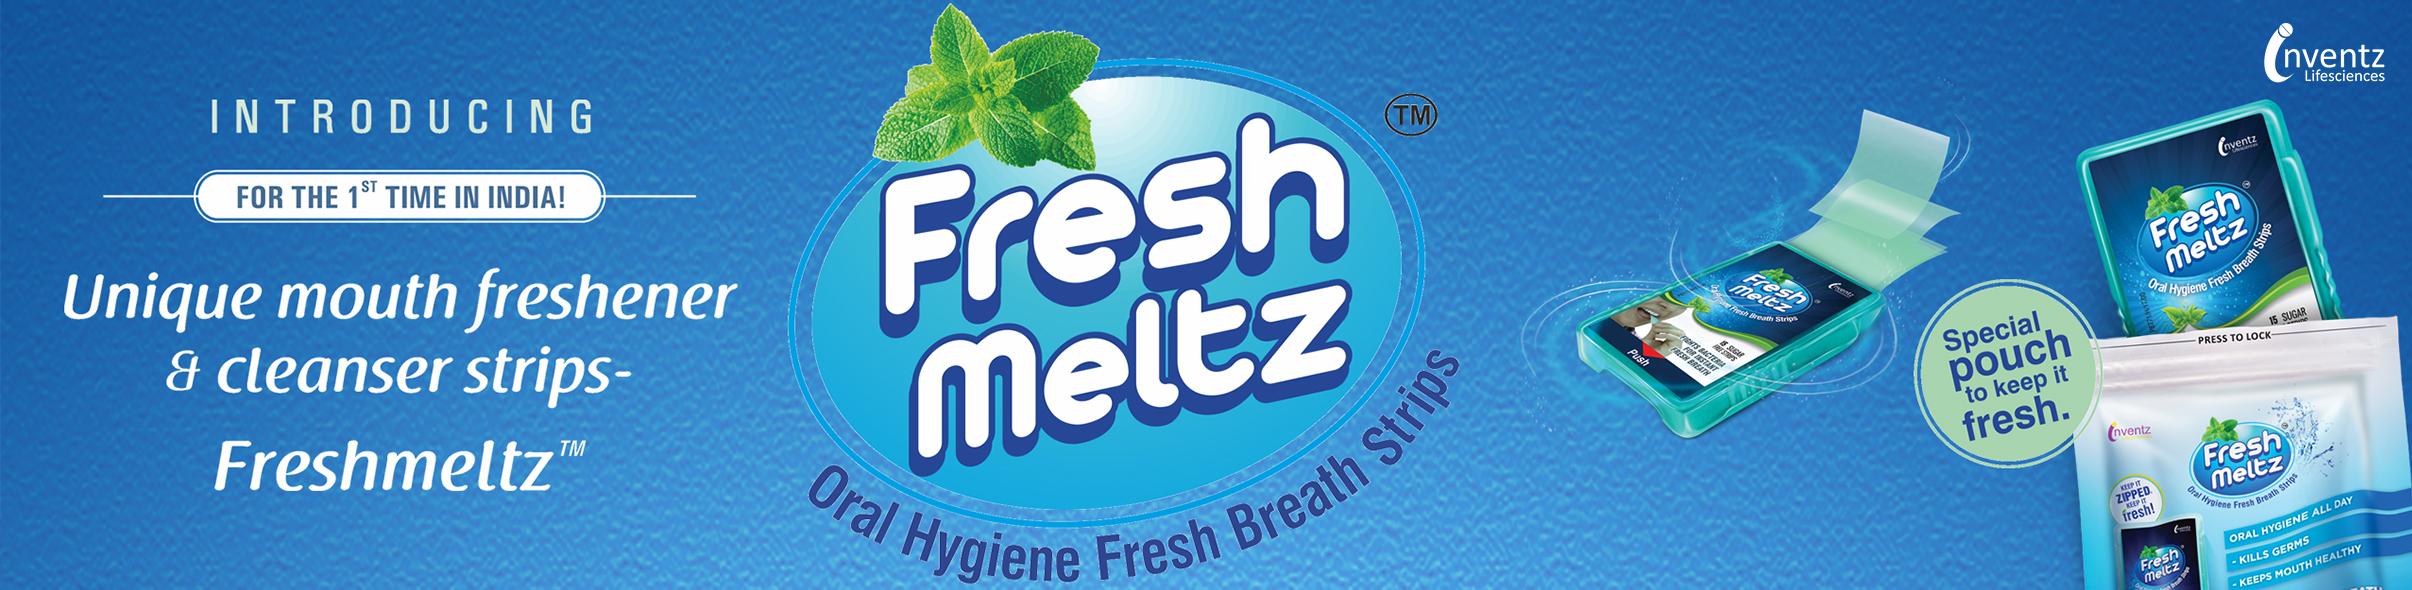 Freshmeltz - Mouth Freshener